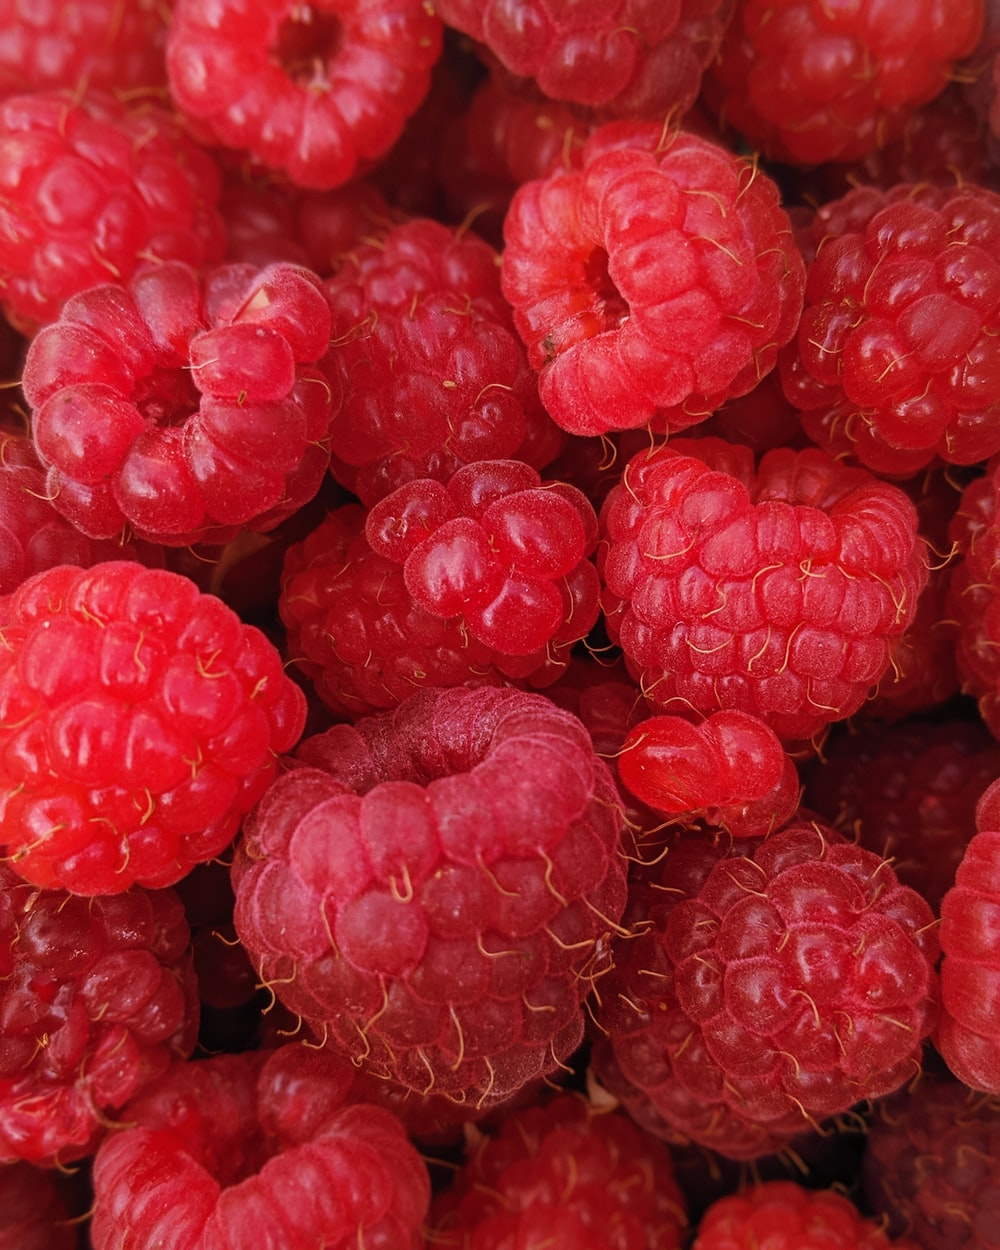 macro photography of raspberry fruits